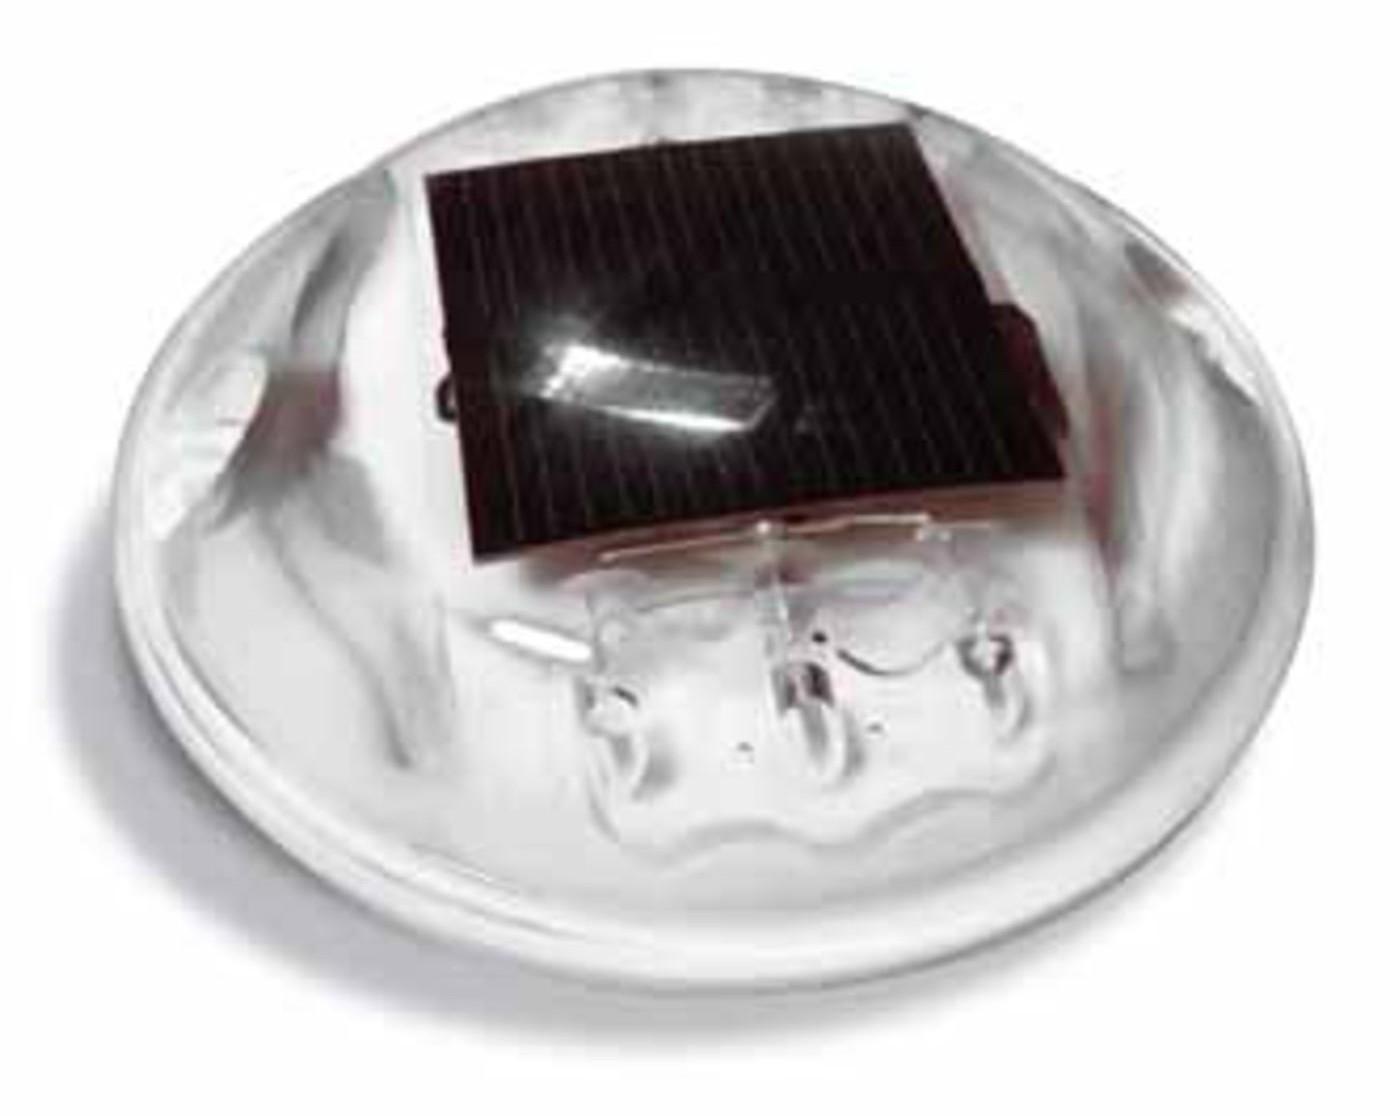 Plot routier solaire polycarbonate